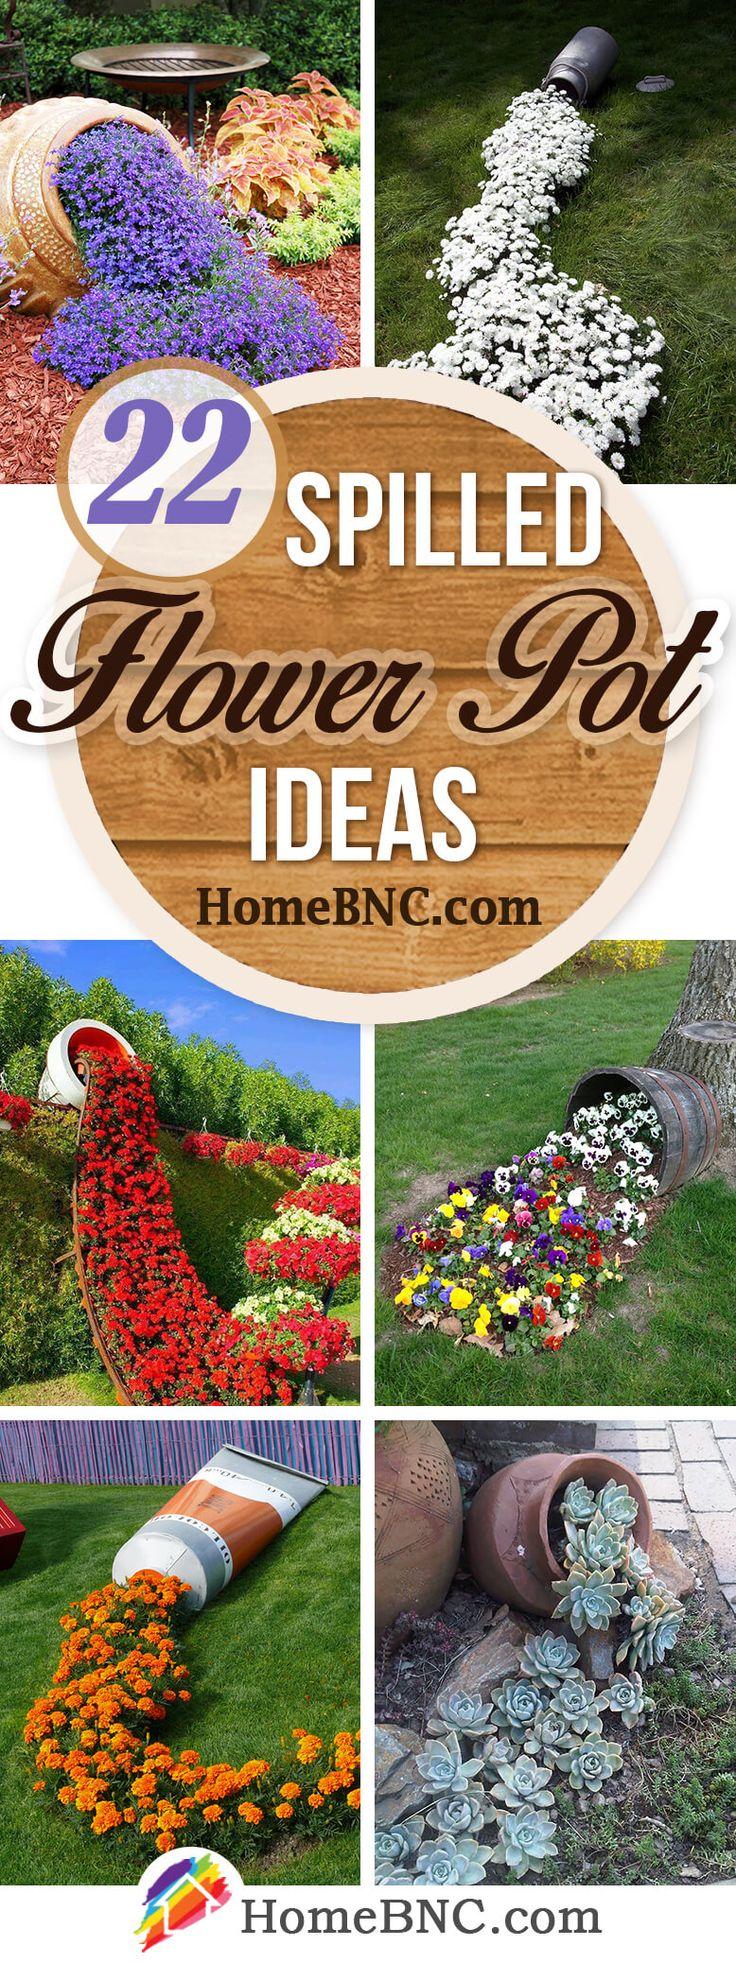 22 Spaß verschüttete Blumentopf-Ideen, zum Ihres Yard mit Art zu erhellen